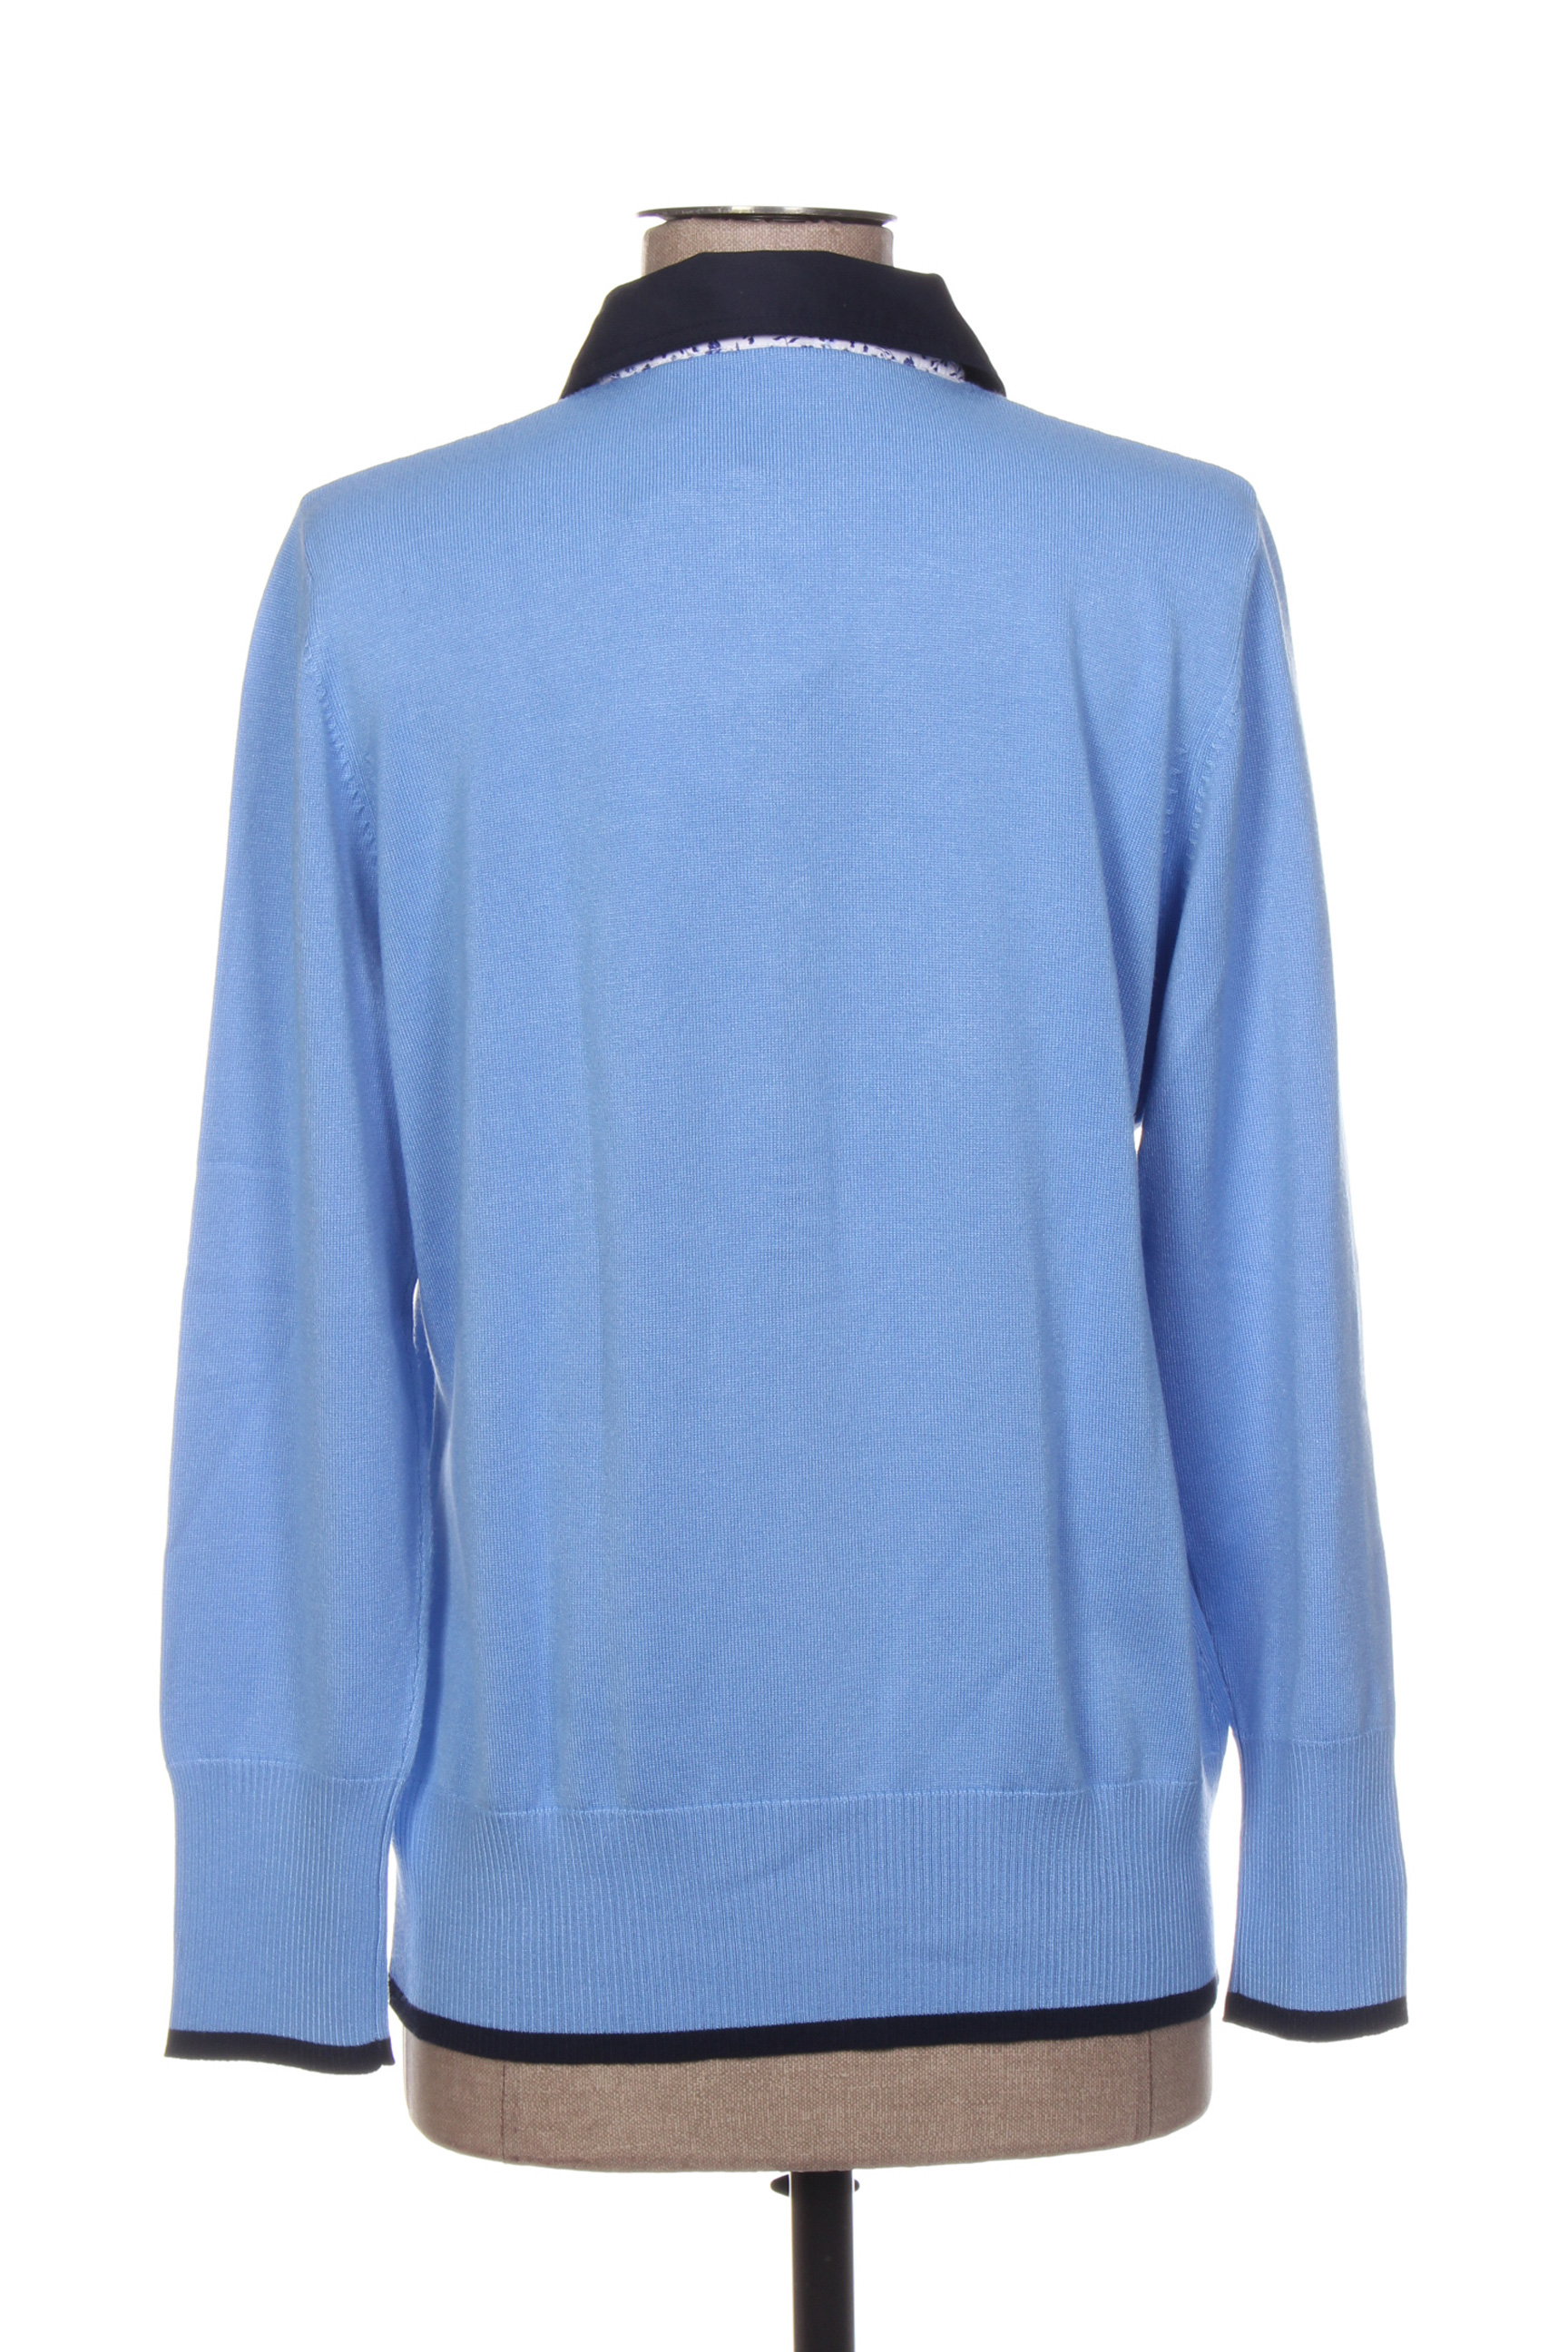 Rabe Polos Manches Longues Femme De Couleur Bleu En Soldes Pas Cher 1407122-bleu00